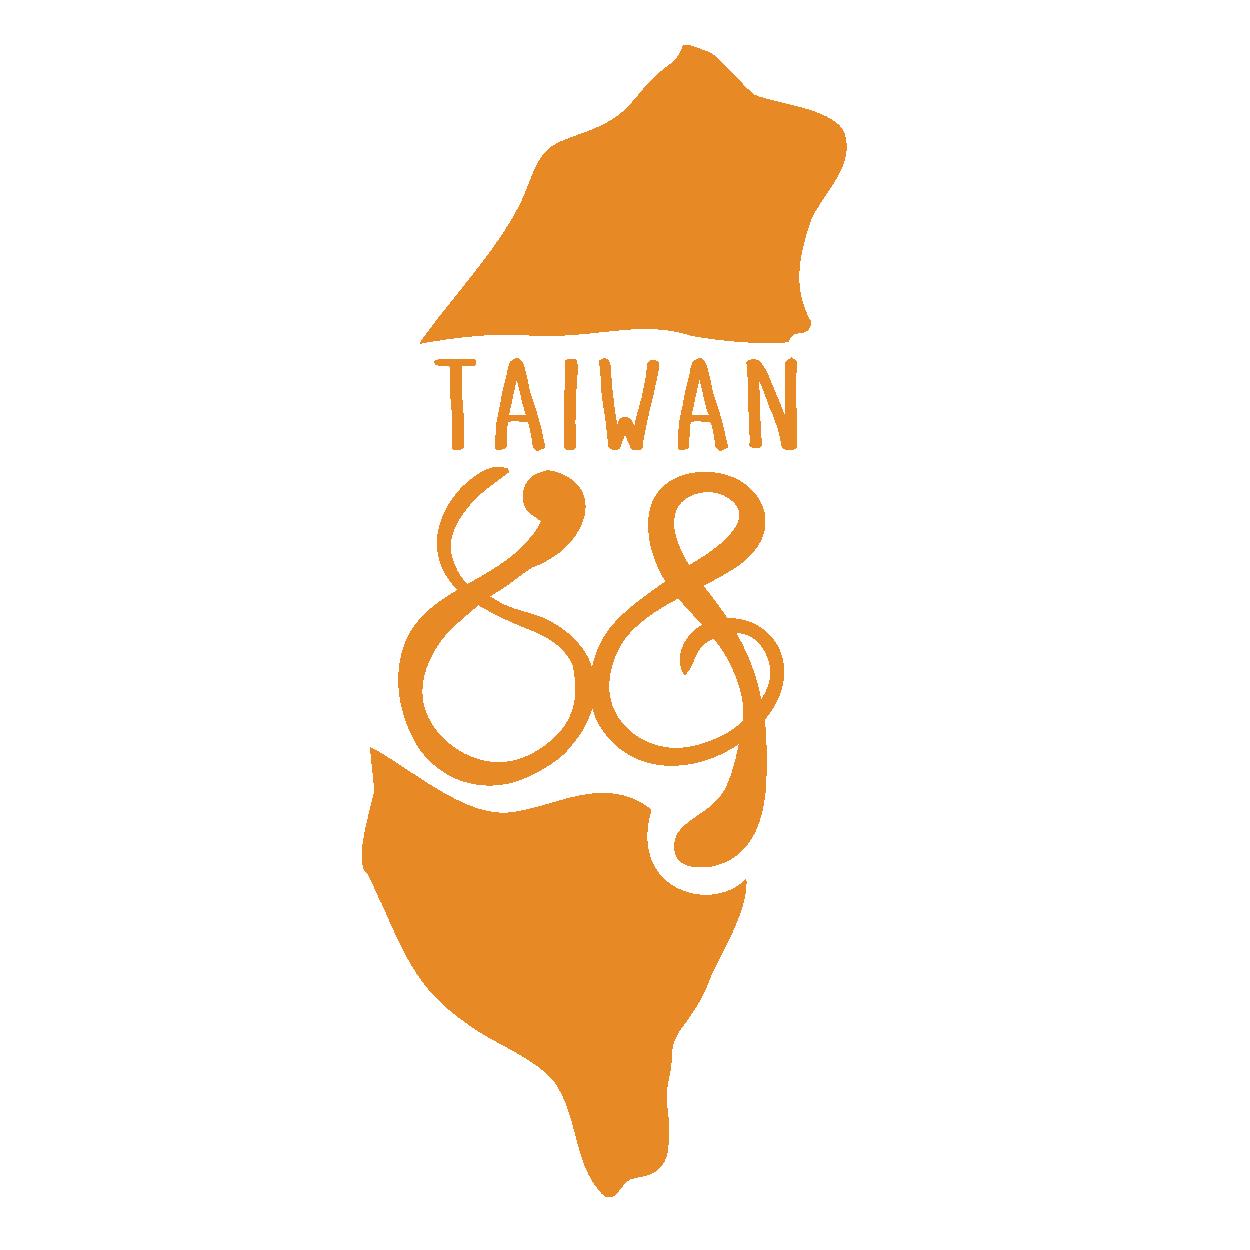 final taiwan 88 logo-01.png